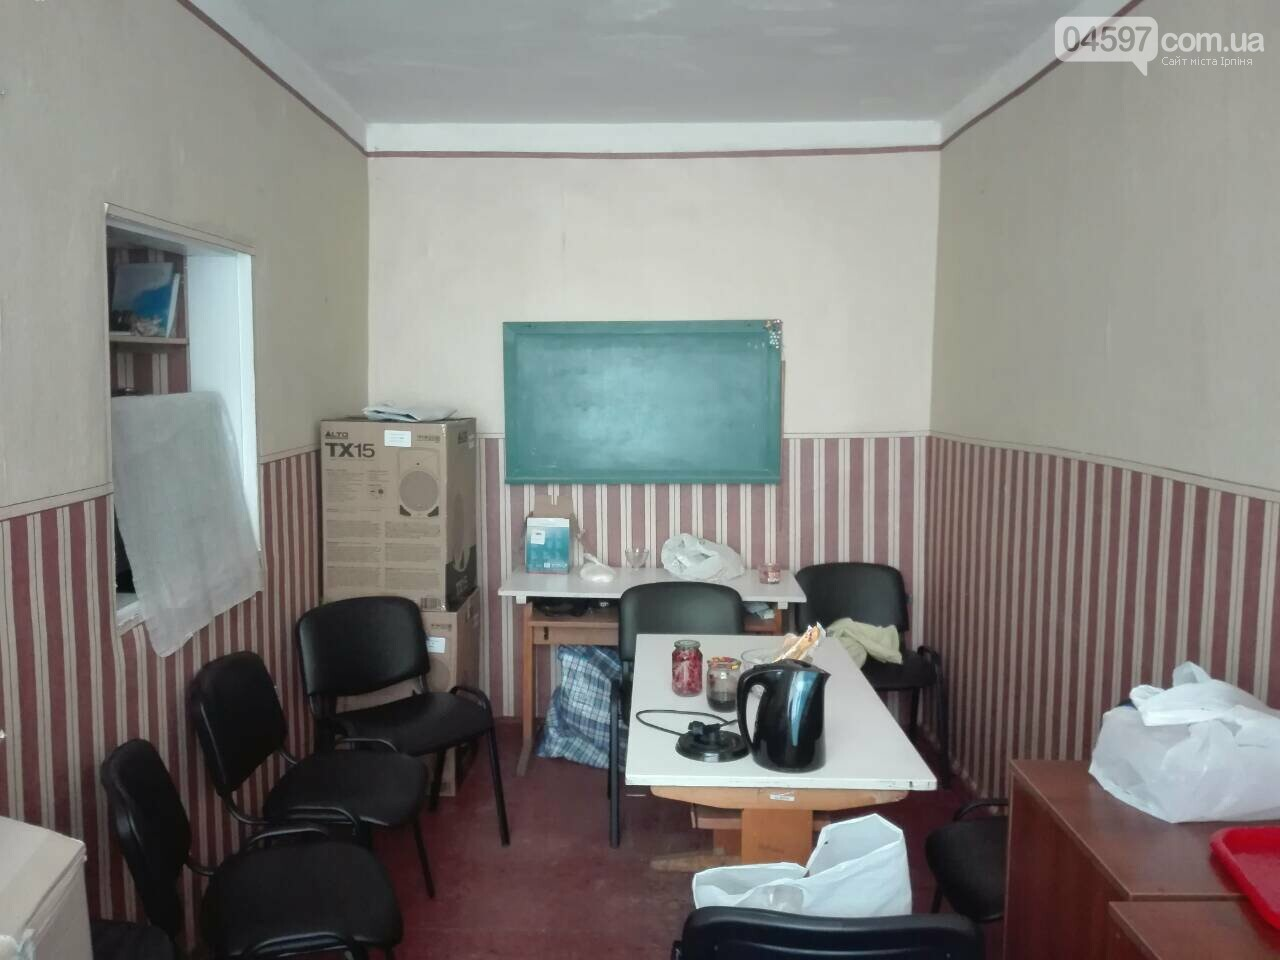 Міський будинок культури ГДК знаходиться в жахливому стані (Фото), фото-18